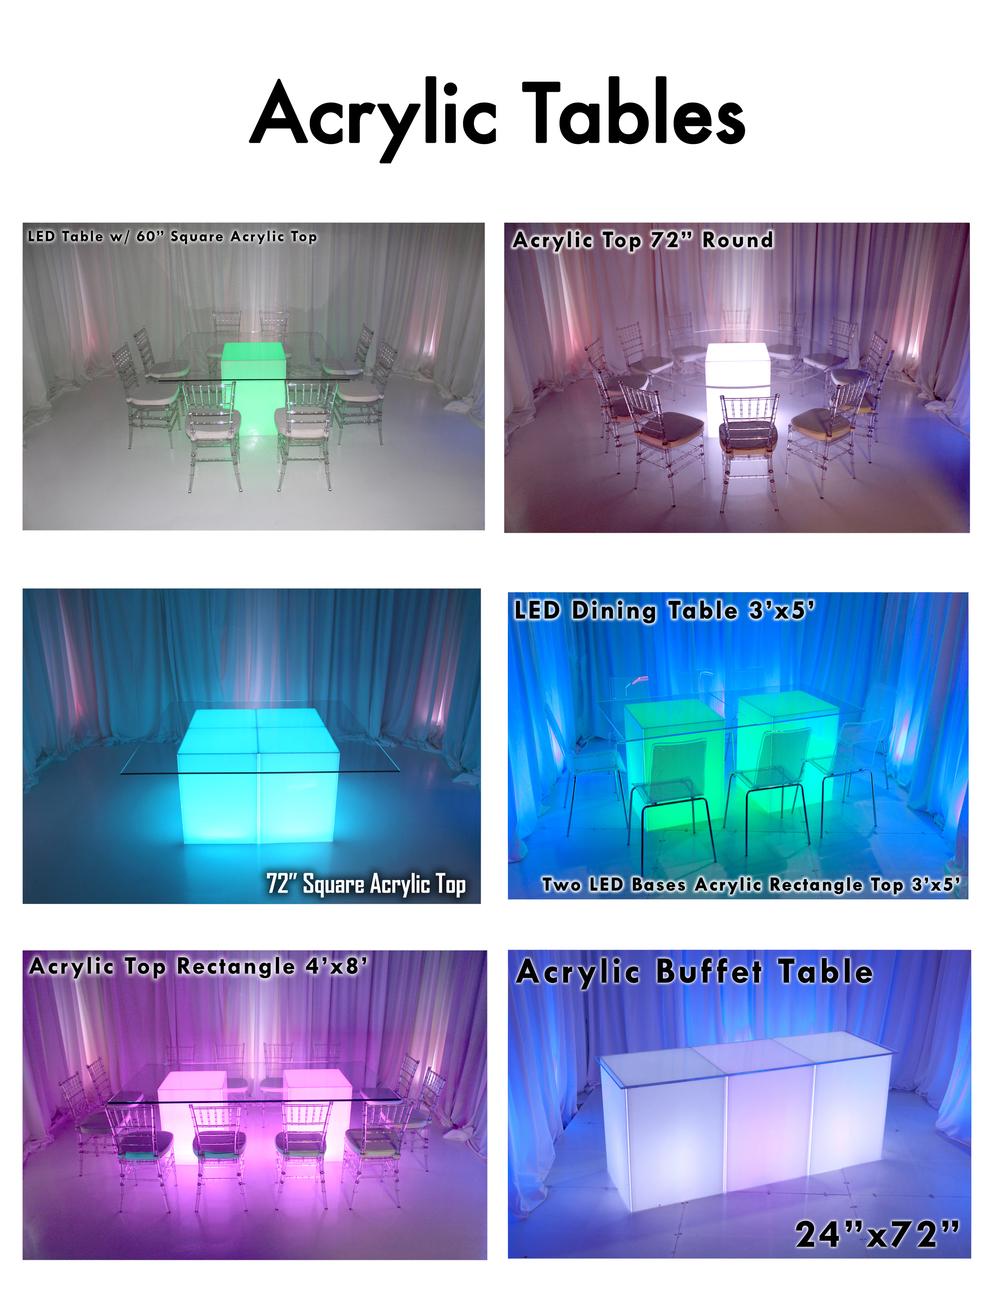 P25_Acrylic Tables.jpg